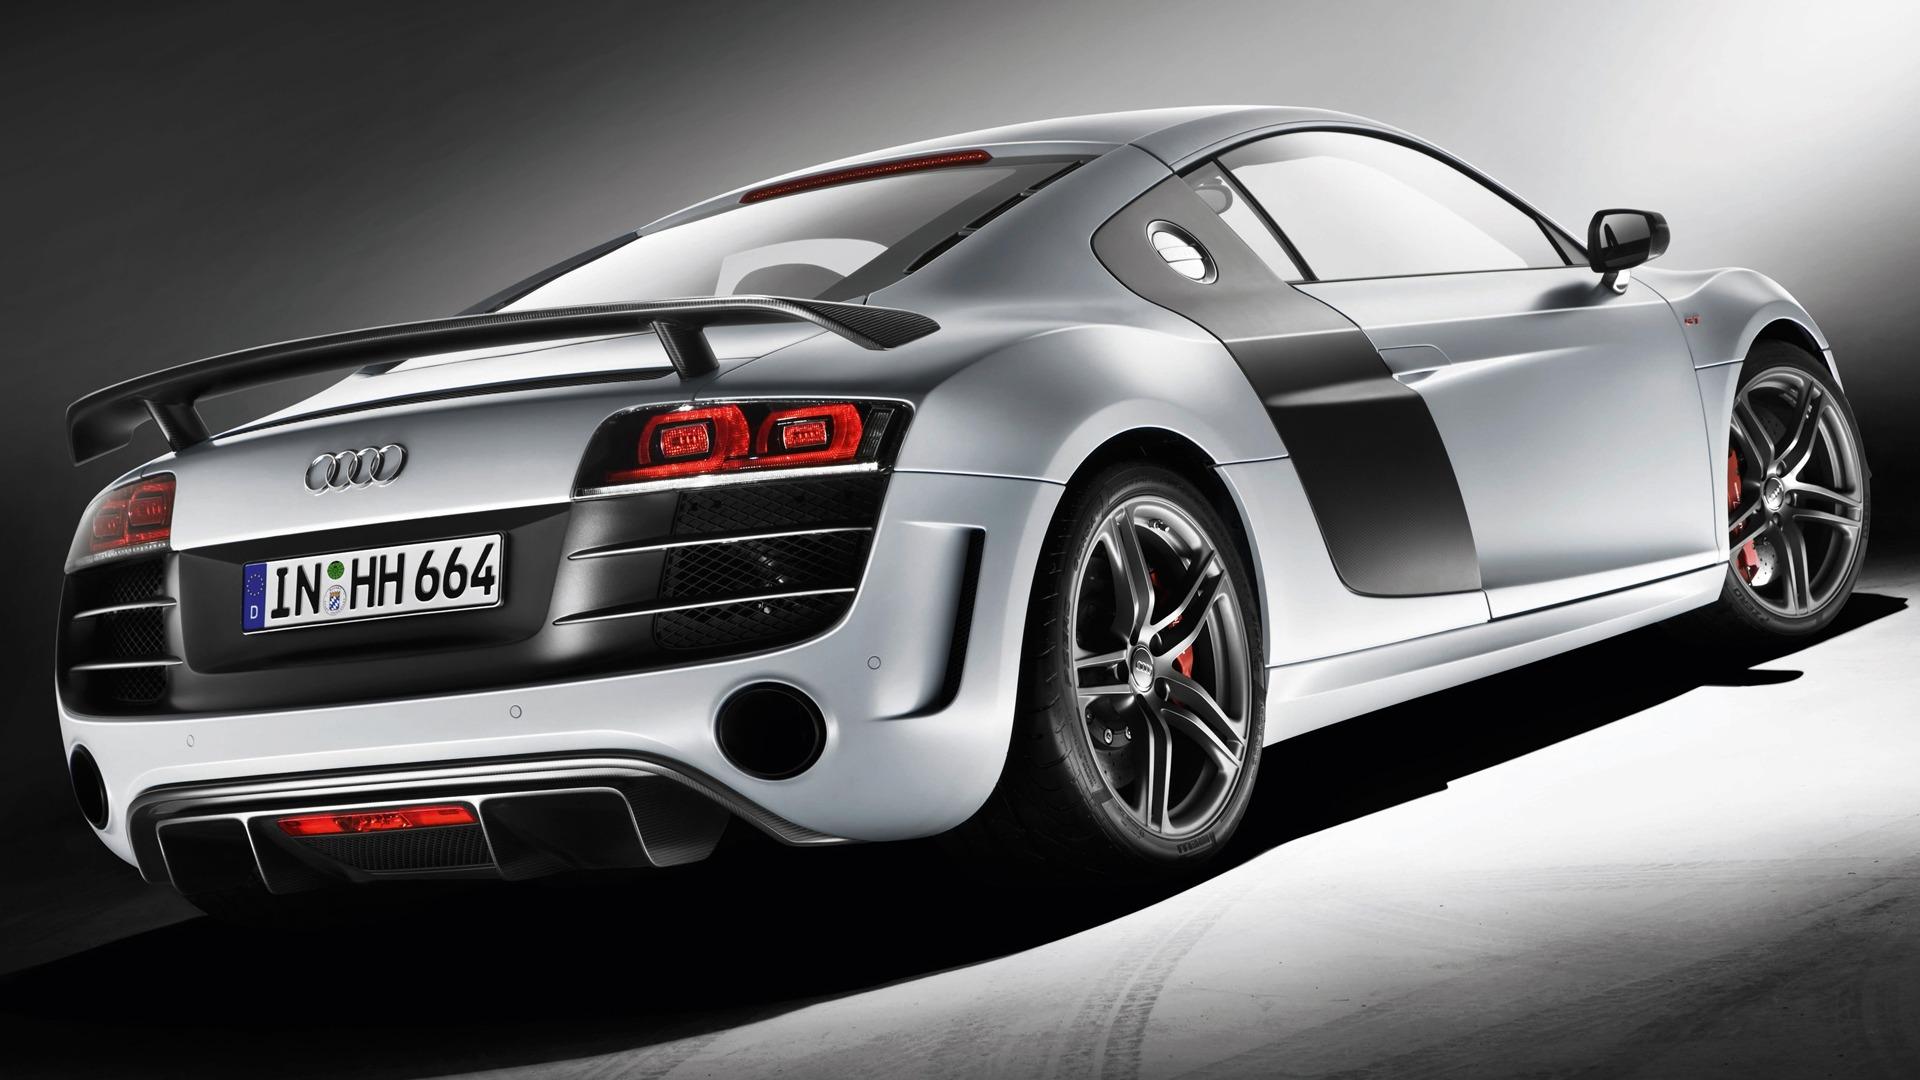 Audi R8 Gt 2010 Hd Wallpaper 8 1920x1080 Wallpaper